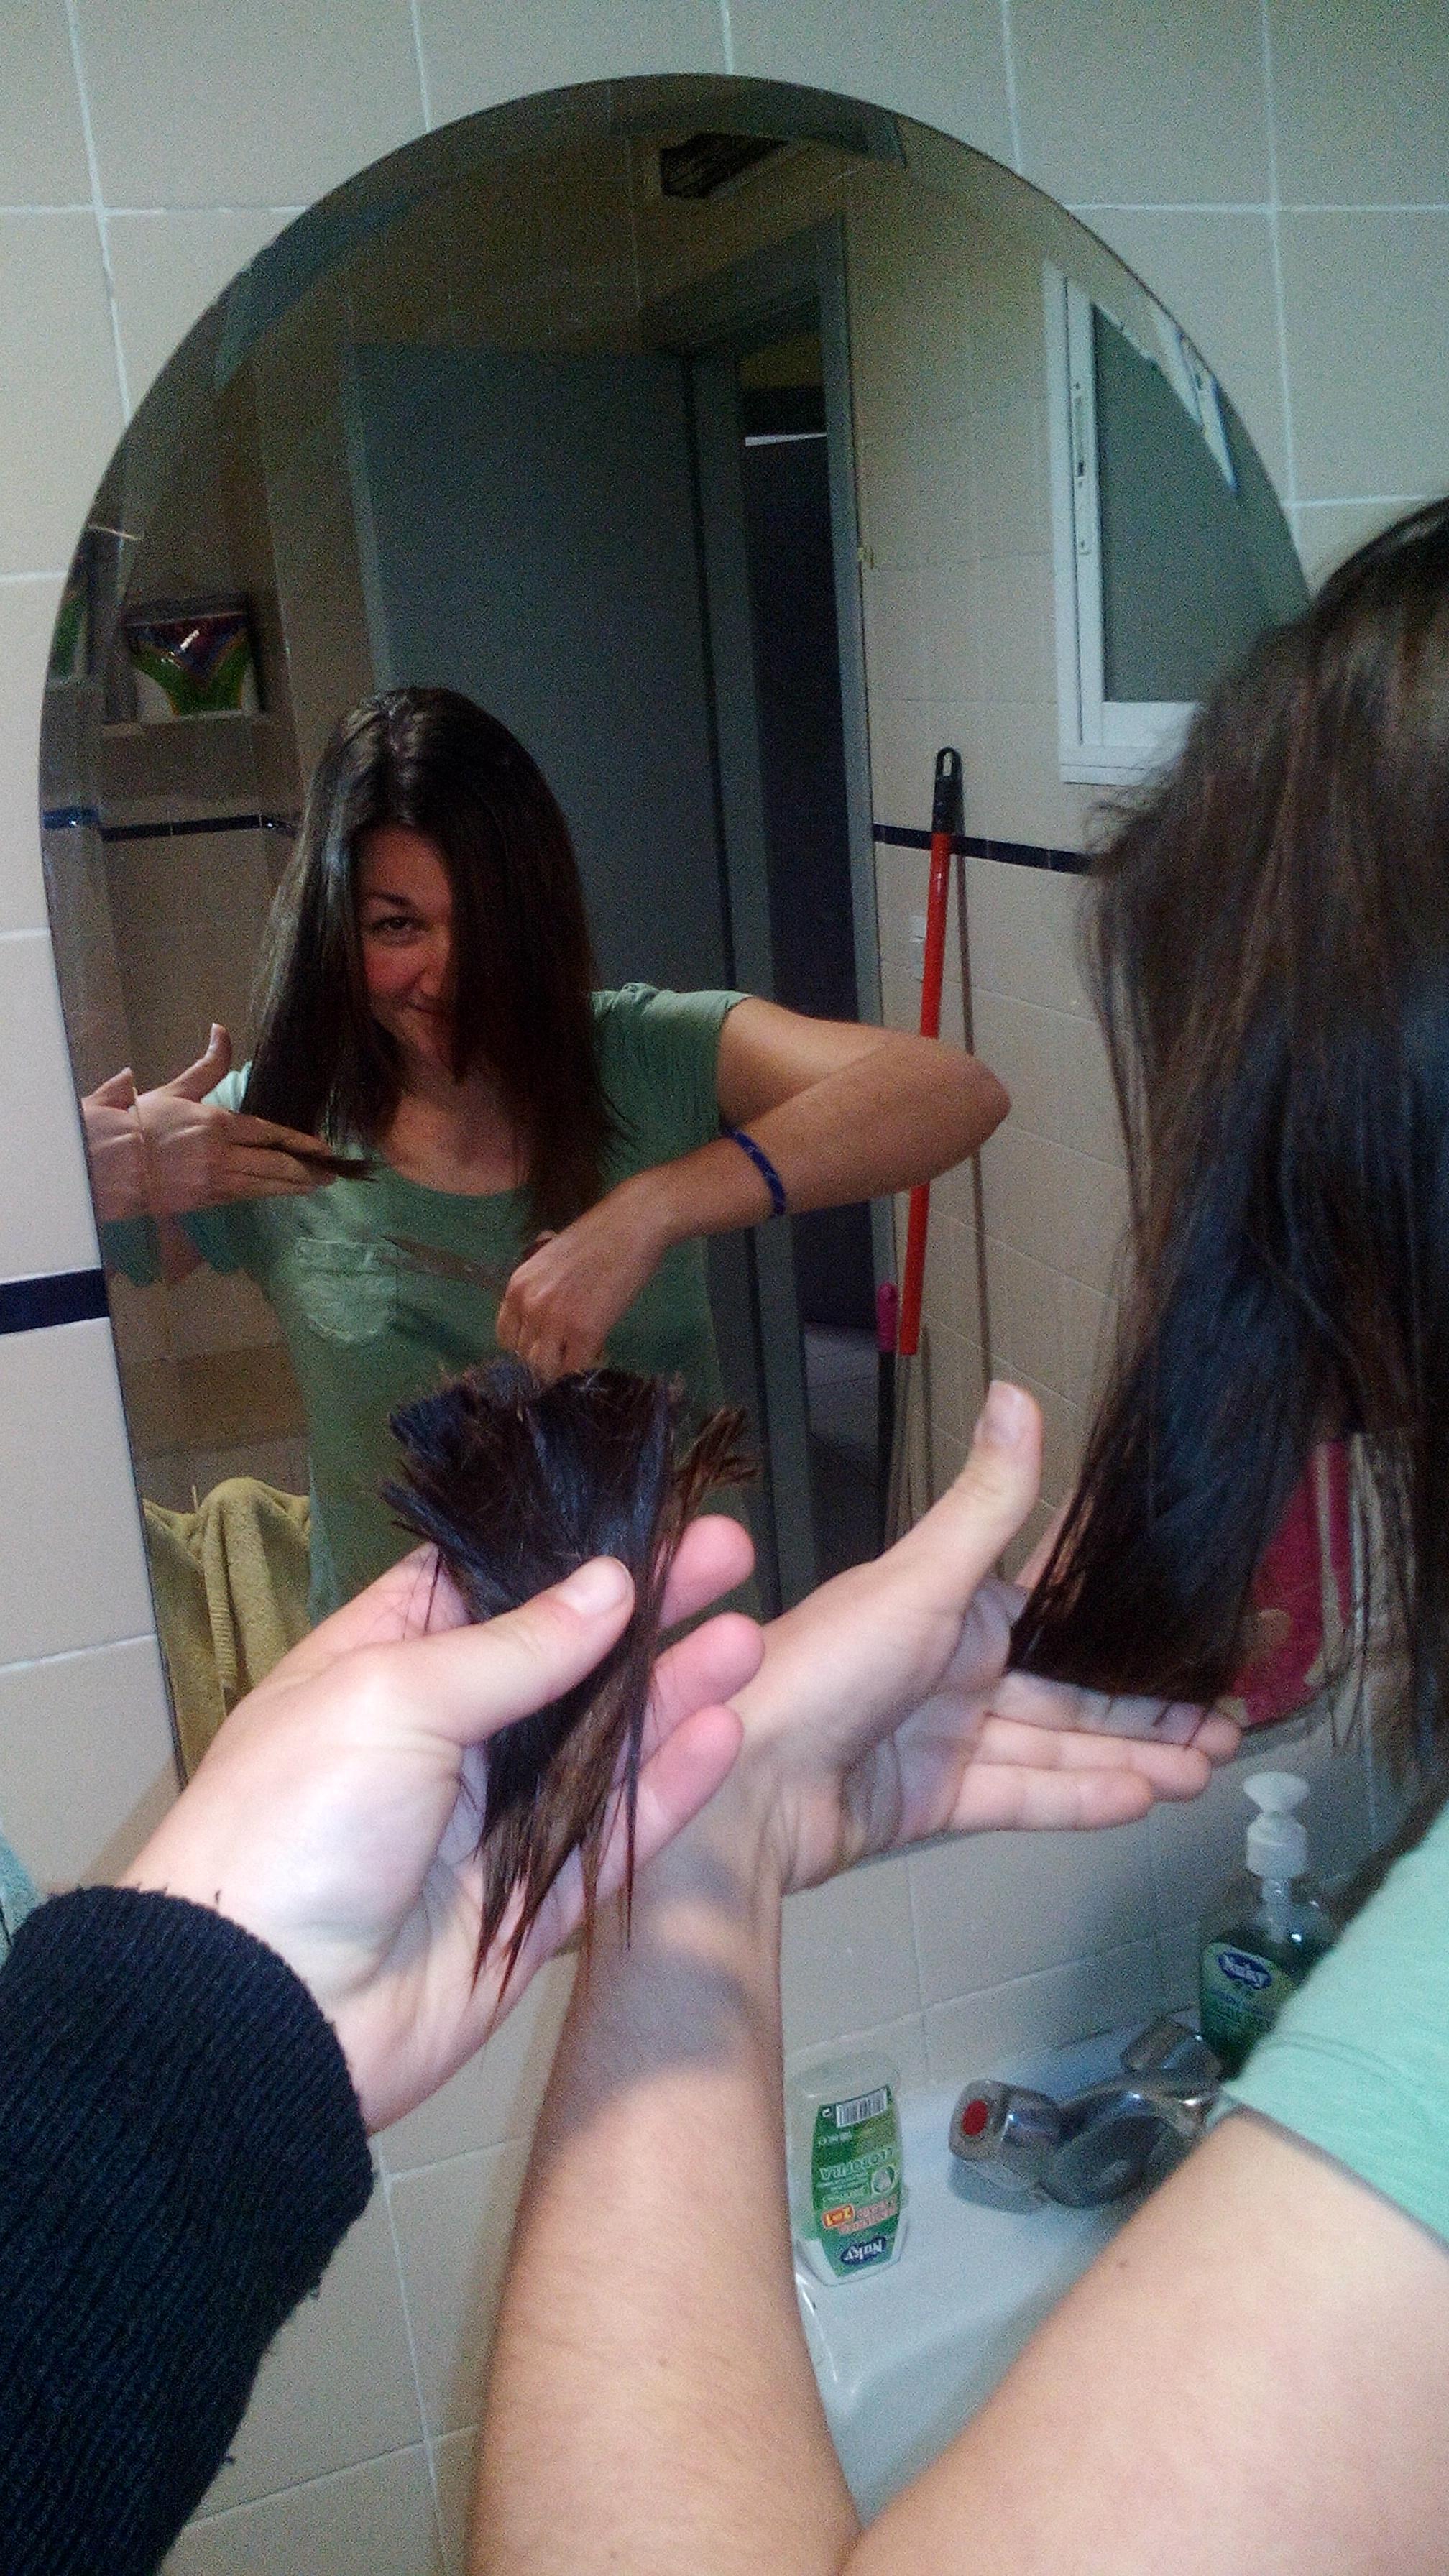 levágtam a sári haját, amit éppen magának igazít, nehogy még jobban elrontsam :D